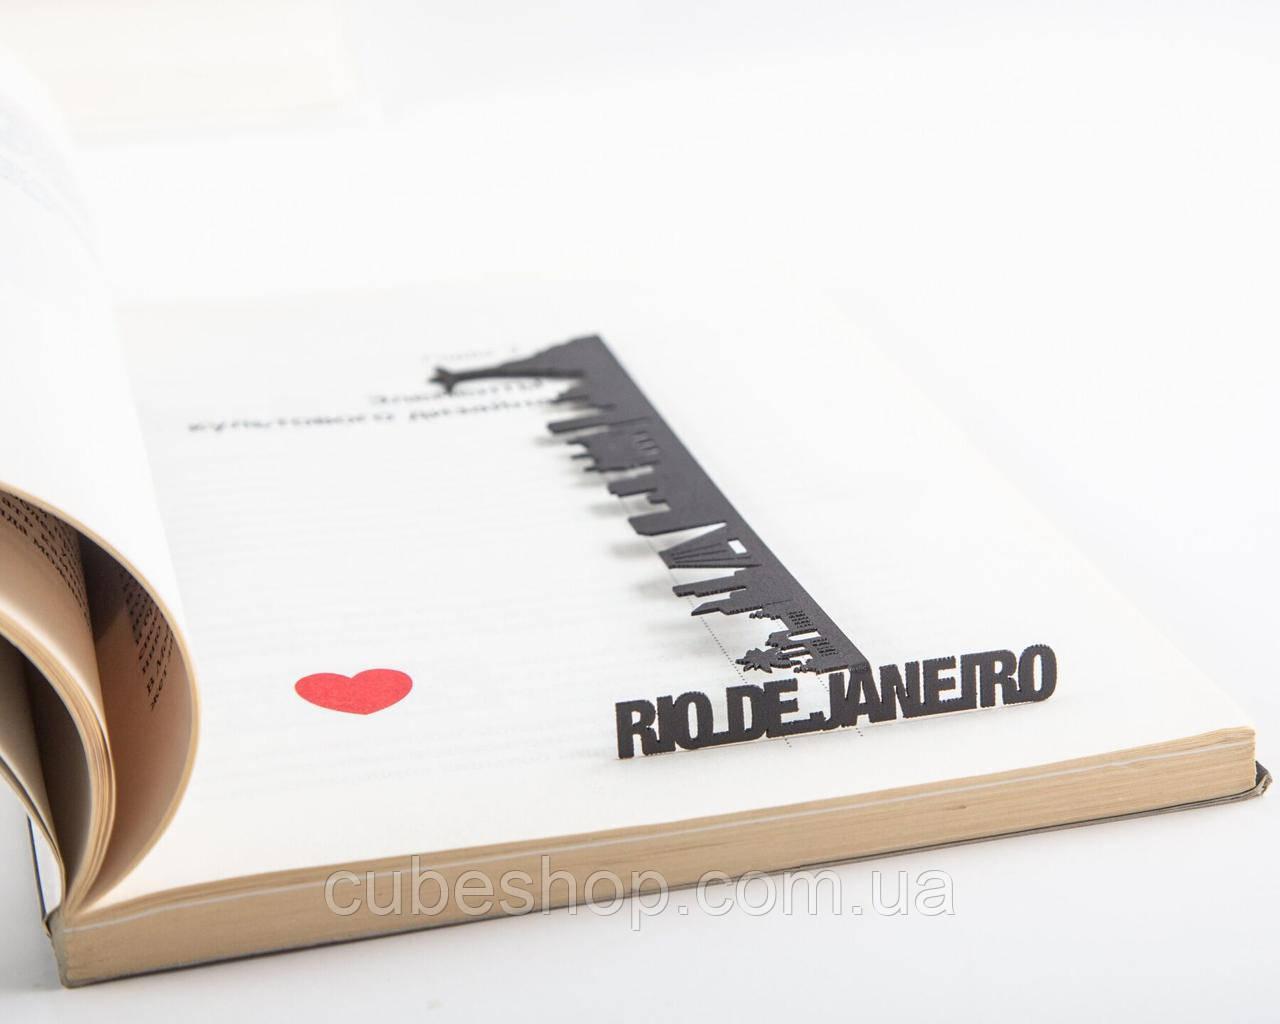 Закладка для книг Rio de Janeiro